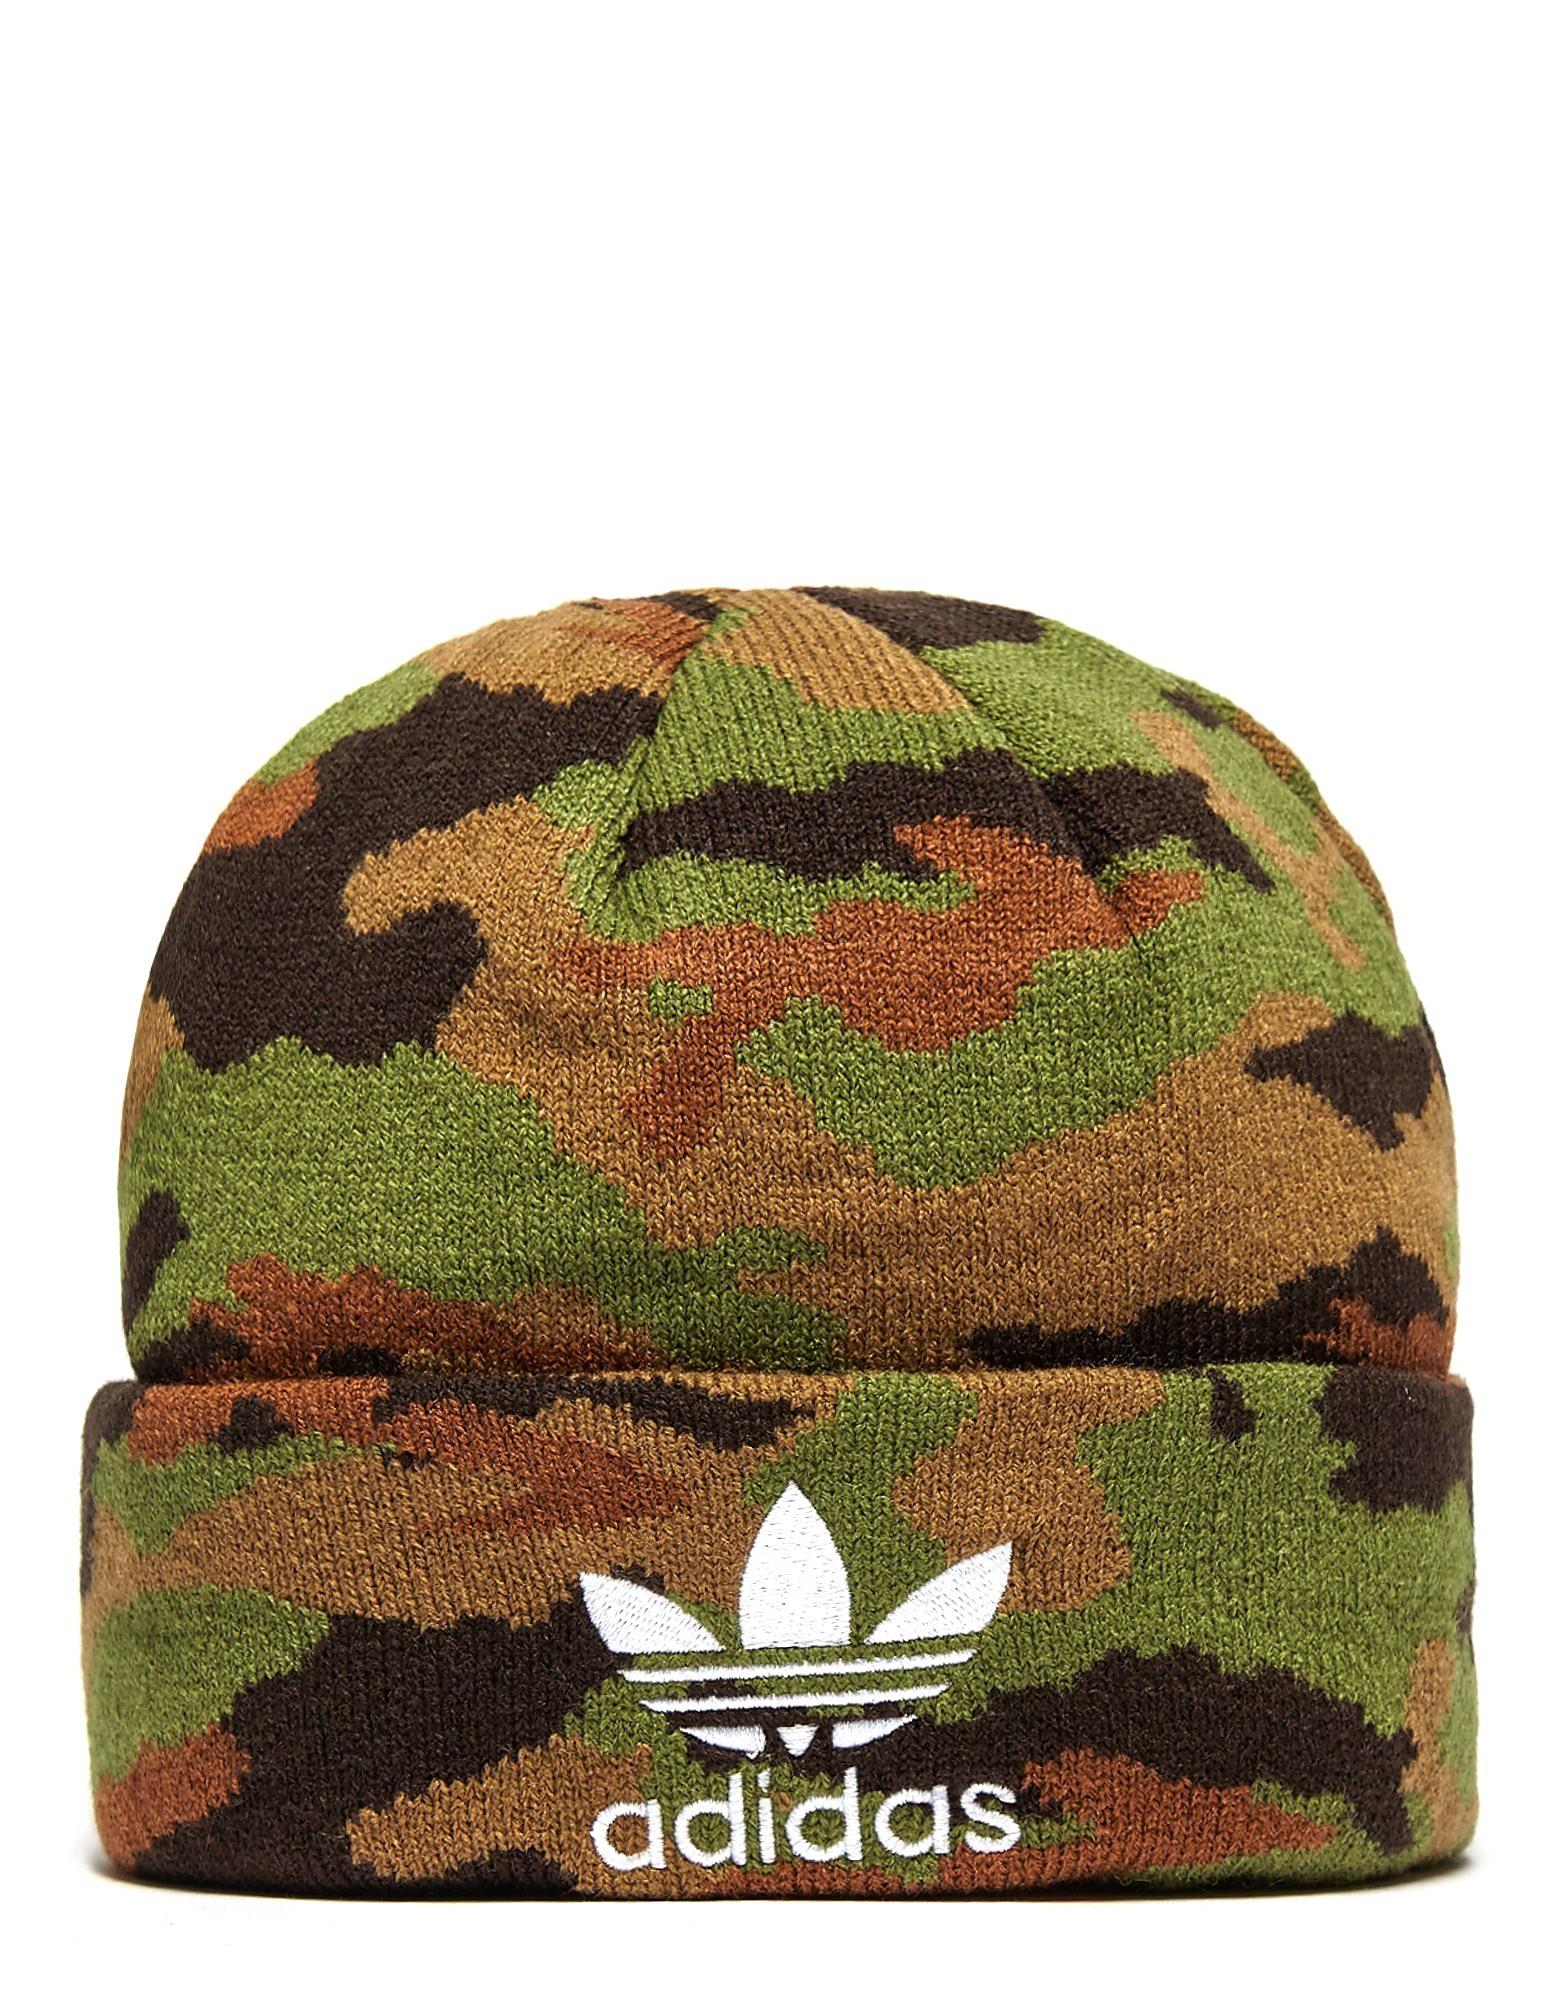 adidas Originals Camouflage Beanie Hat